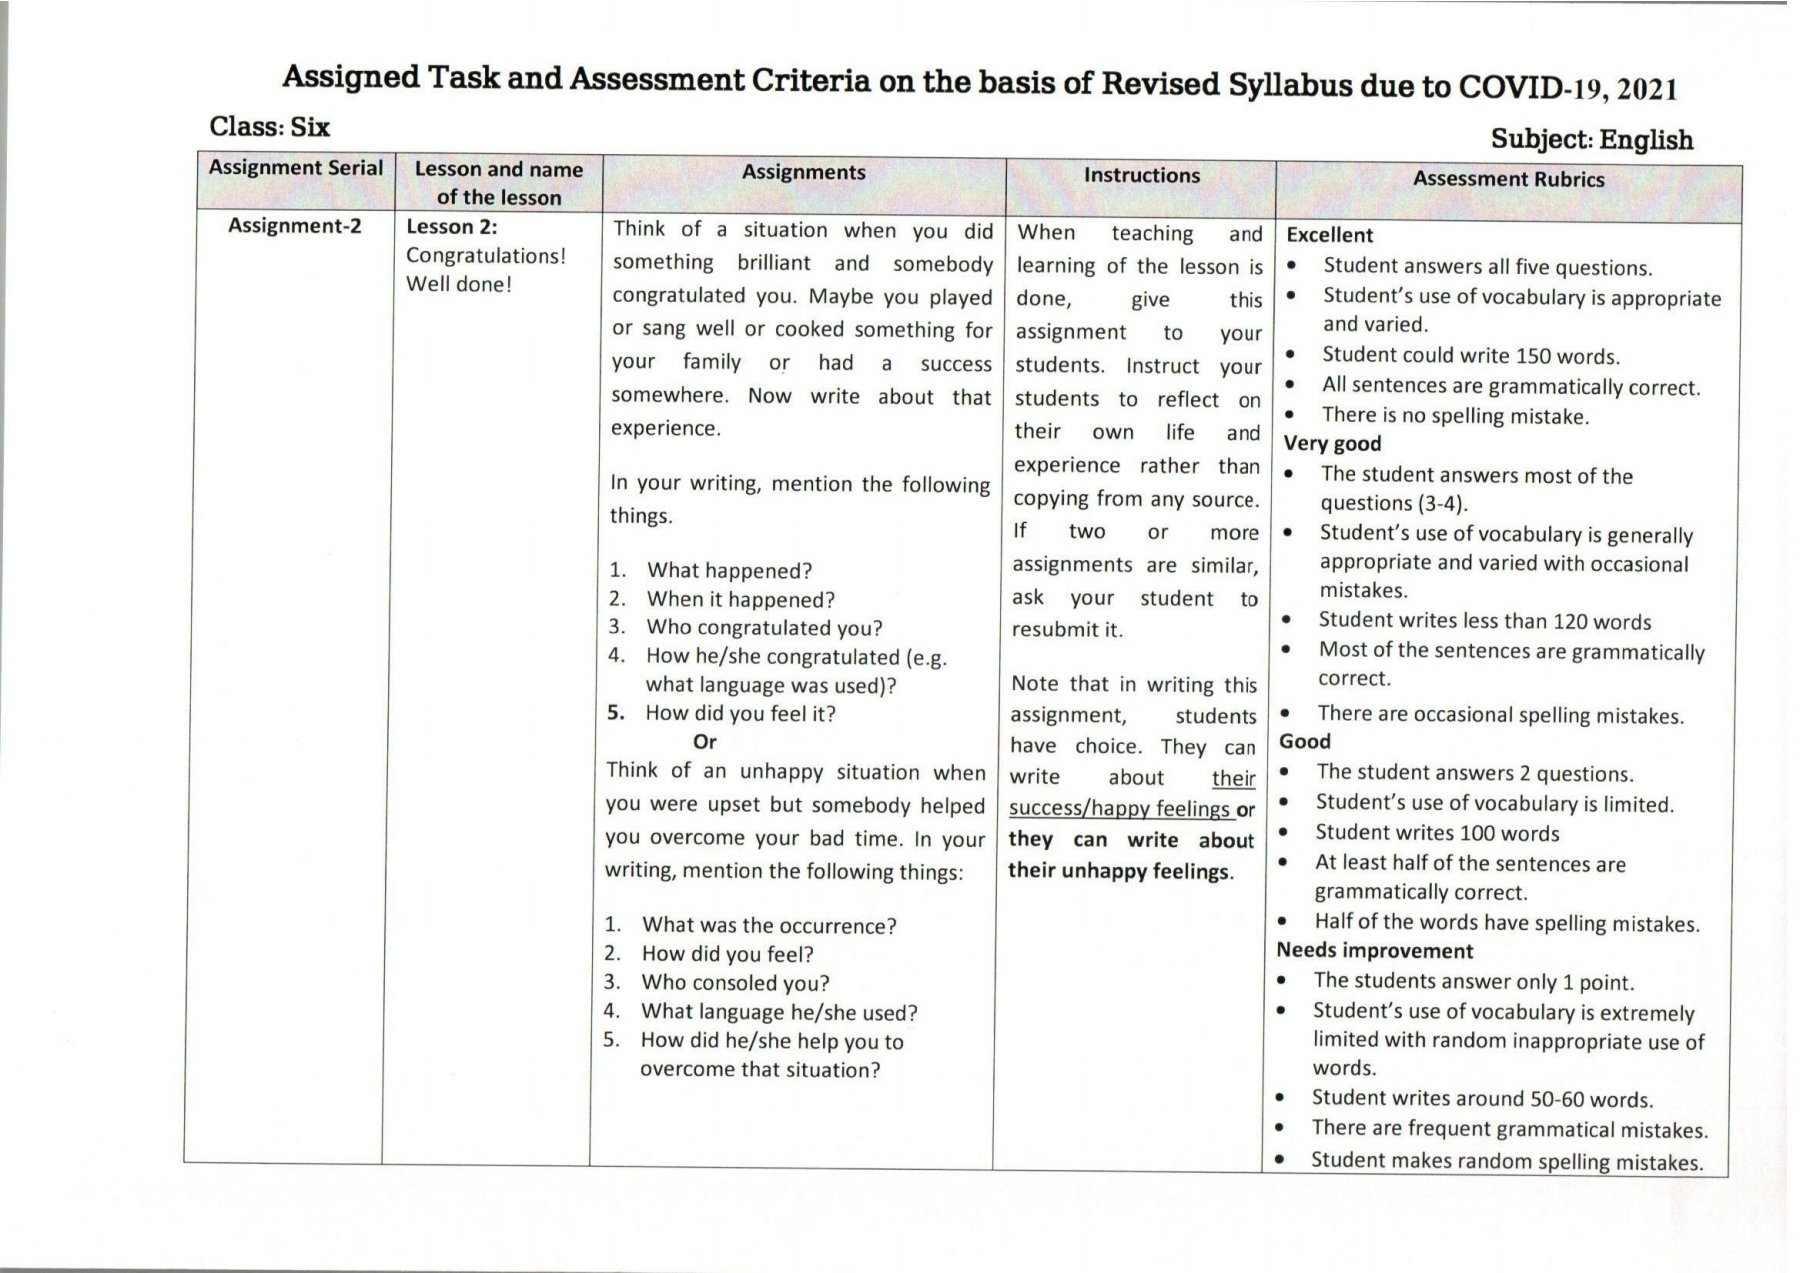 ষষ্ঠ-৬ষ্ট শ্রেণির ৬ষ্ট সপ্তাহের এসাইনমেন্ট সমাধান ও উত্তর ২০২১   Class 6/Six 6 Week Assignment Answer 2021 (All Subject)